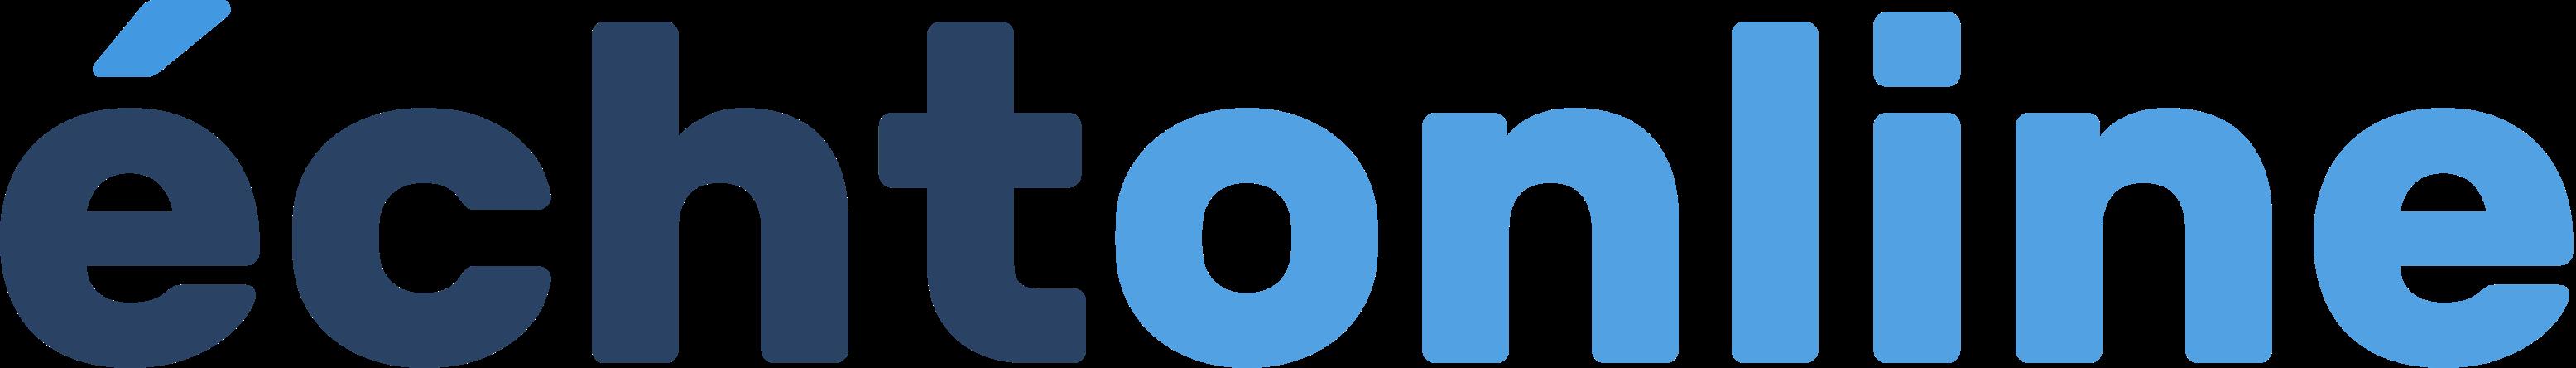 Écht Online - Specialisten op het gebied Wordpress website ontwikkeling, Wordpress (managed) hosting, en het (technisch) onderhoud van jouw Wordpress site.